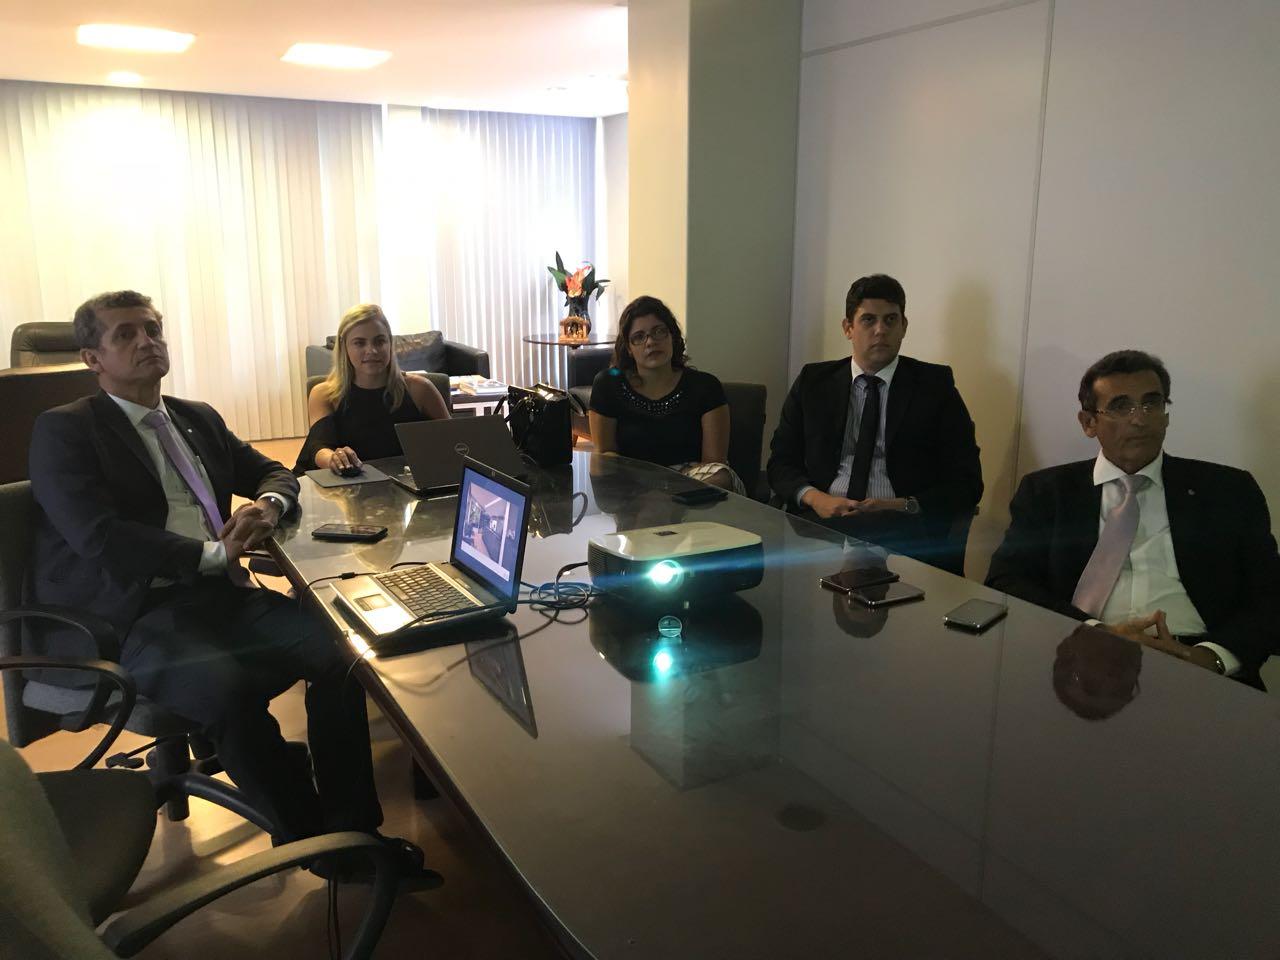 Arquiteta apresenta projeto do Escritório Modelo a diretores da OAB-PB e membros da CJA